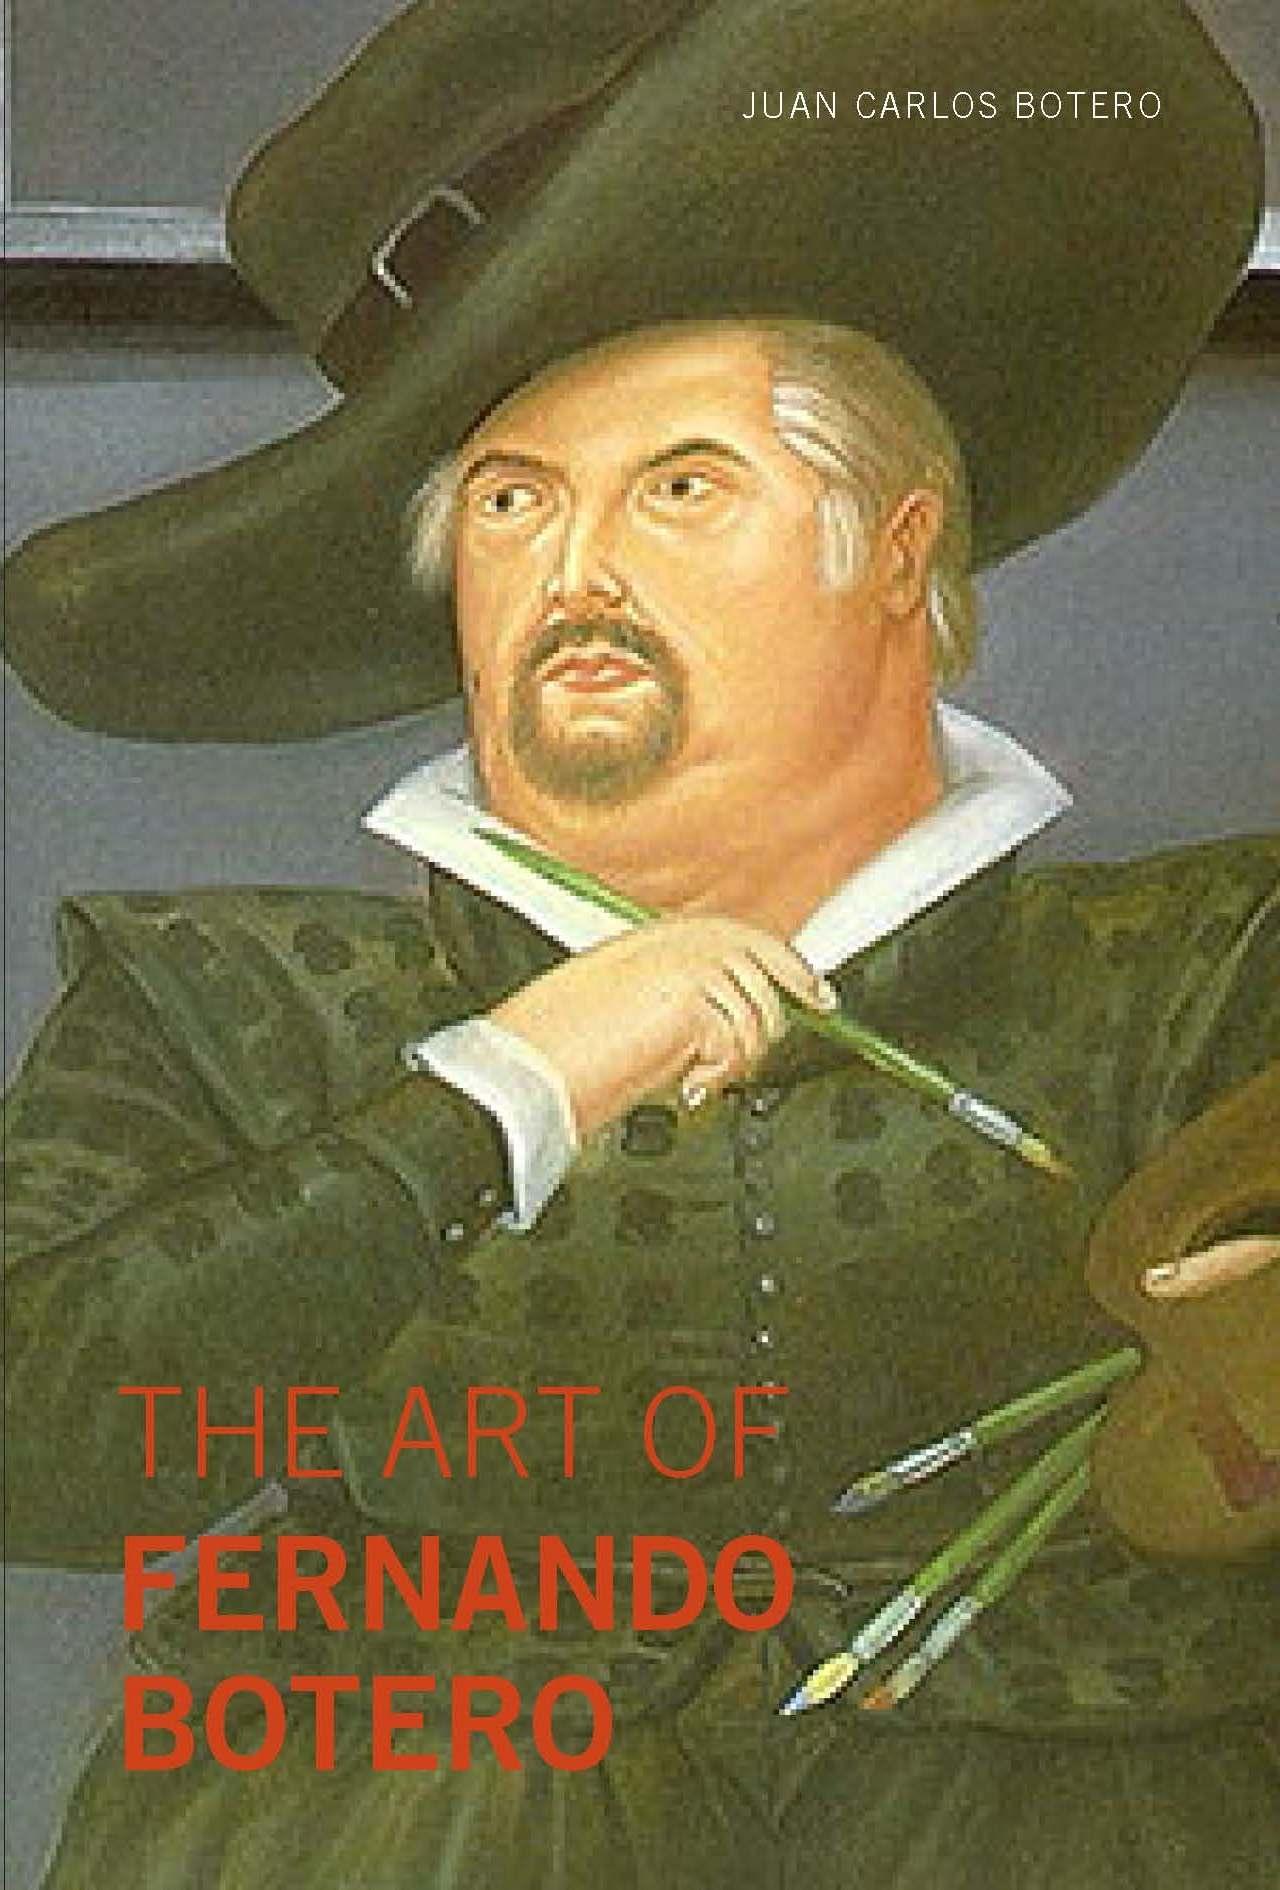 Ediciones El Viso - The Art of Fernando Botero